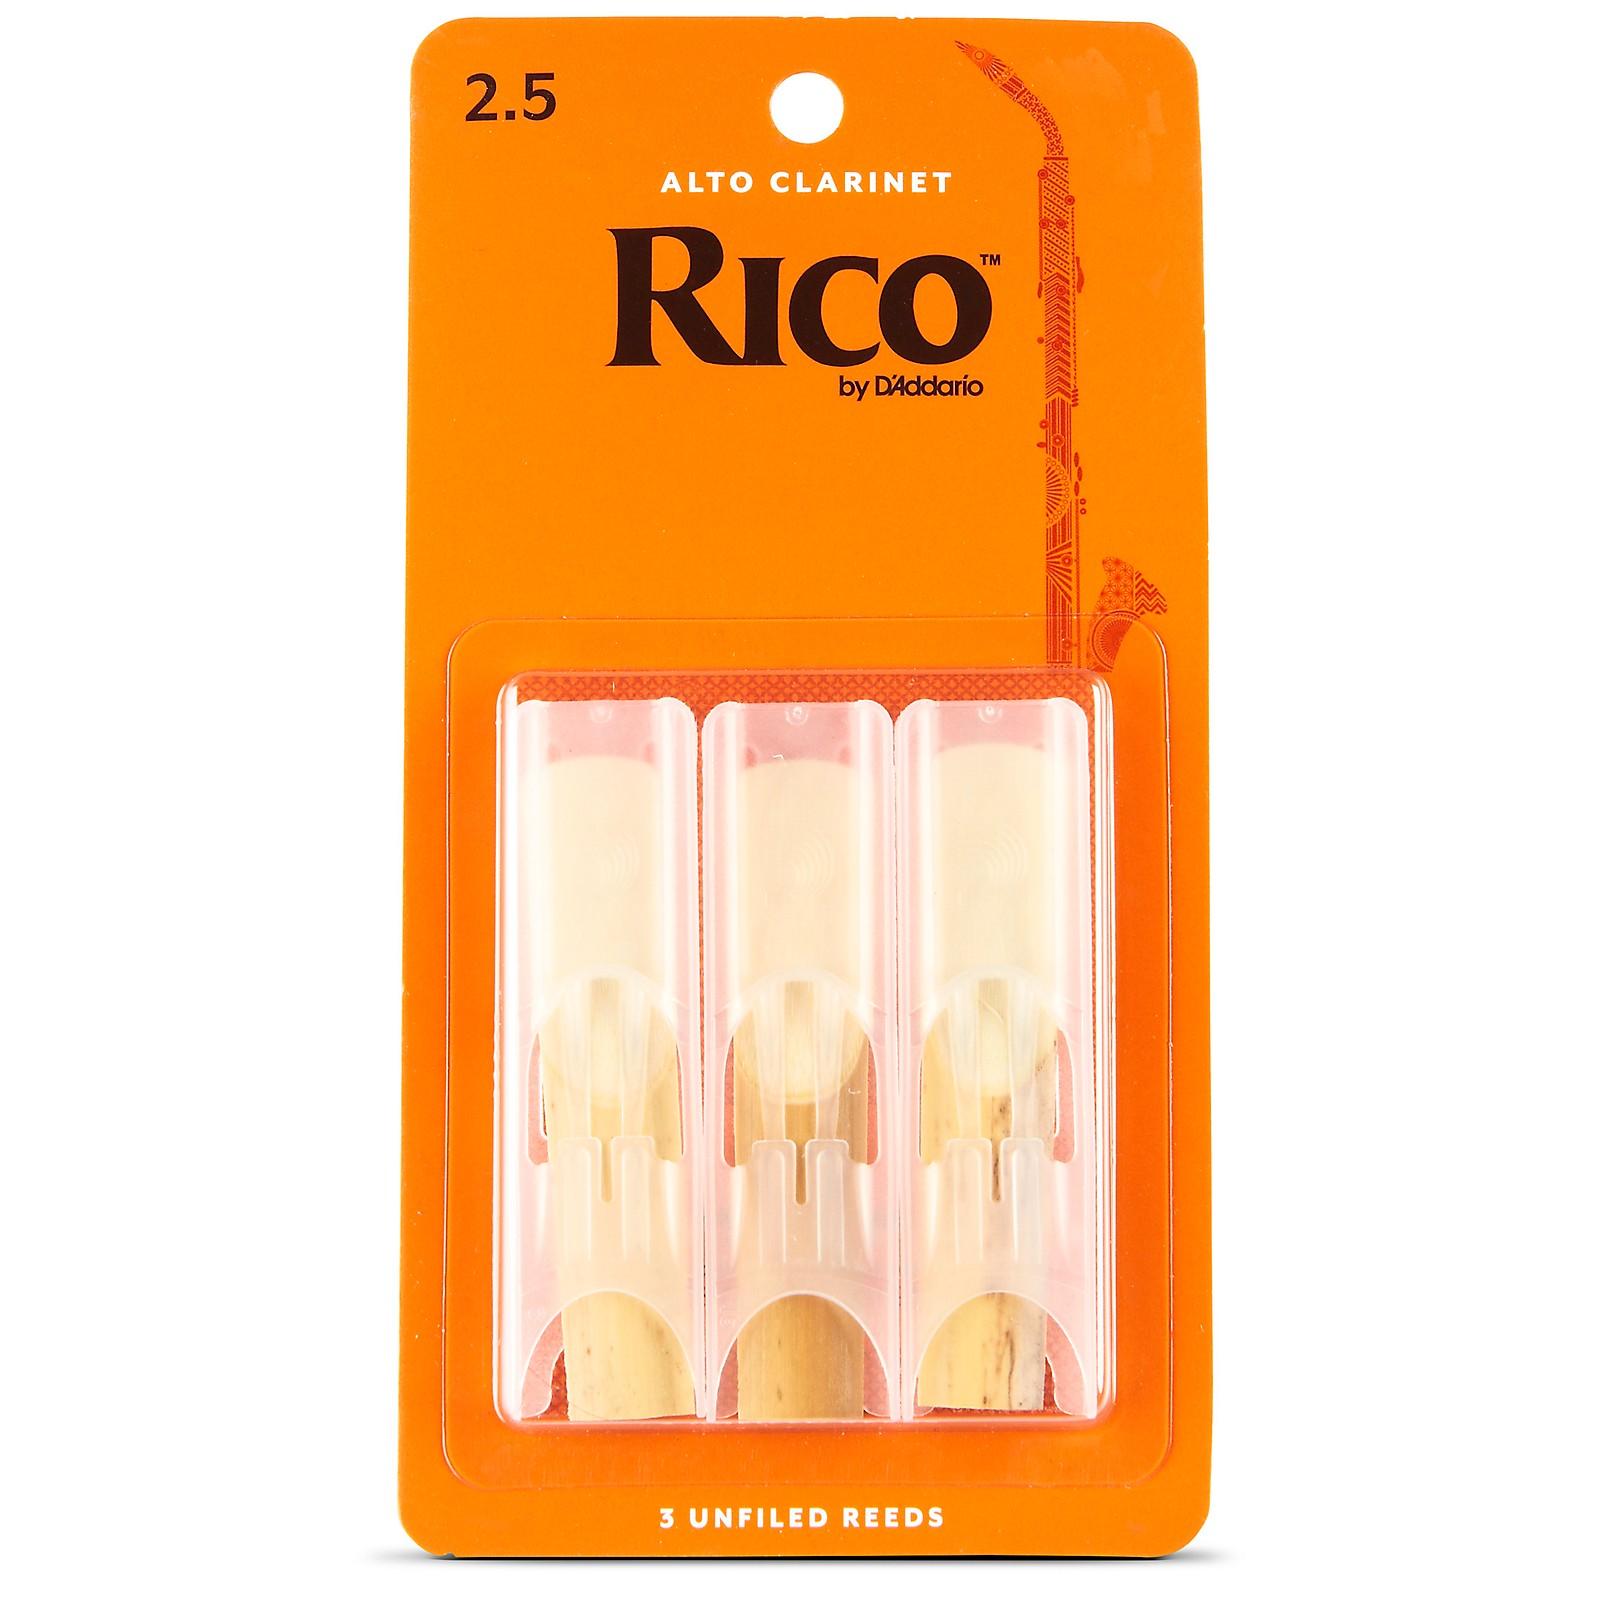 Rico Alto Clarinet Reeds, Box of 3